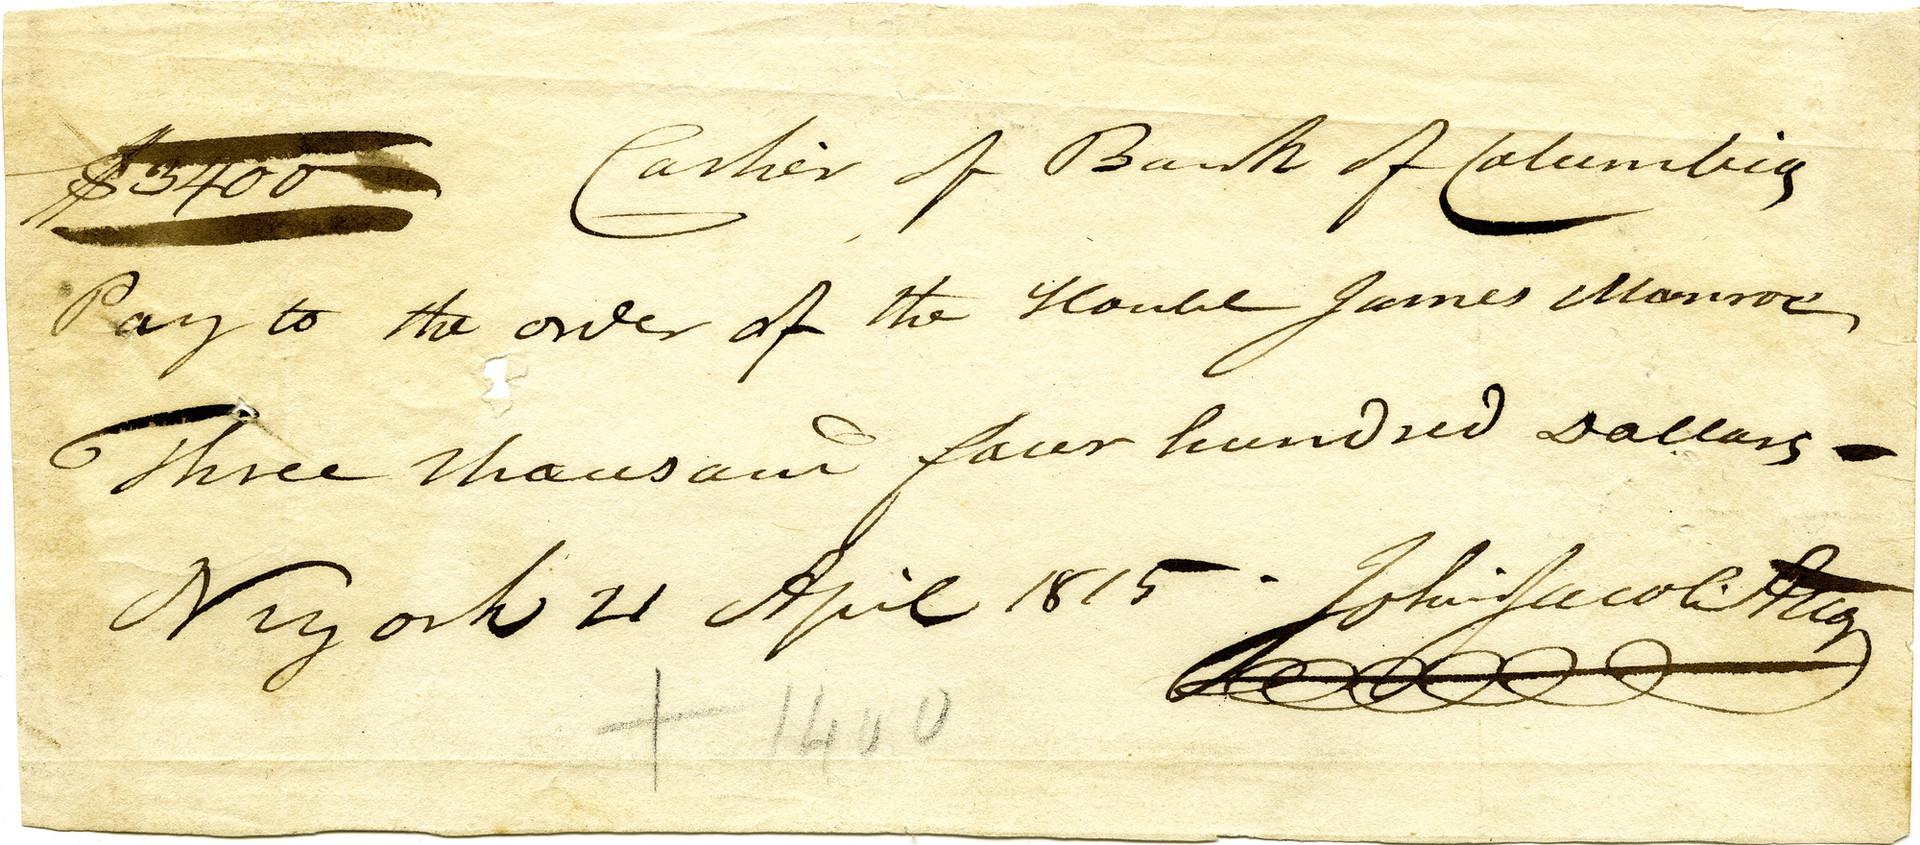 1815 April 21 John Jacob Astor